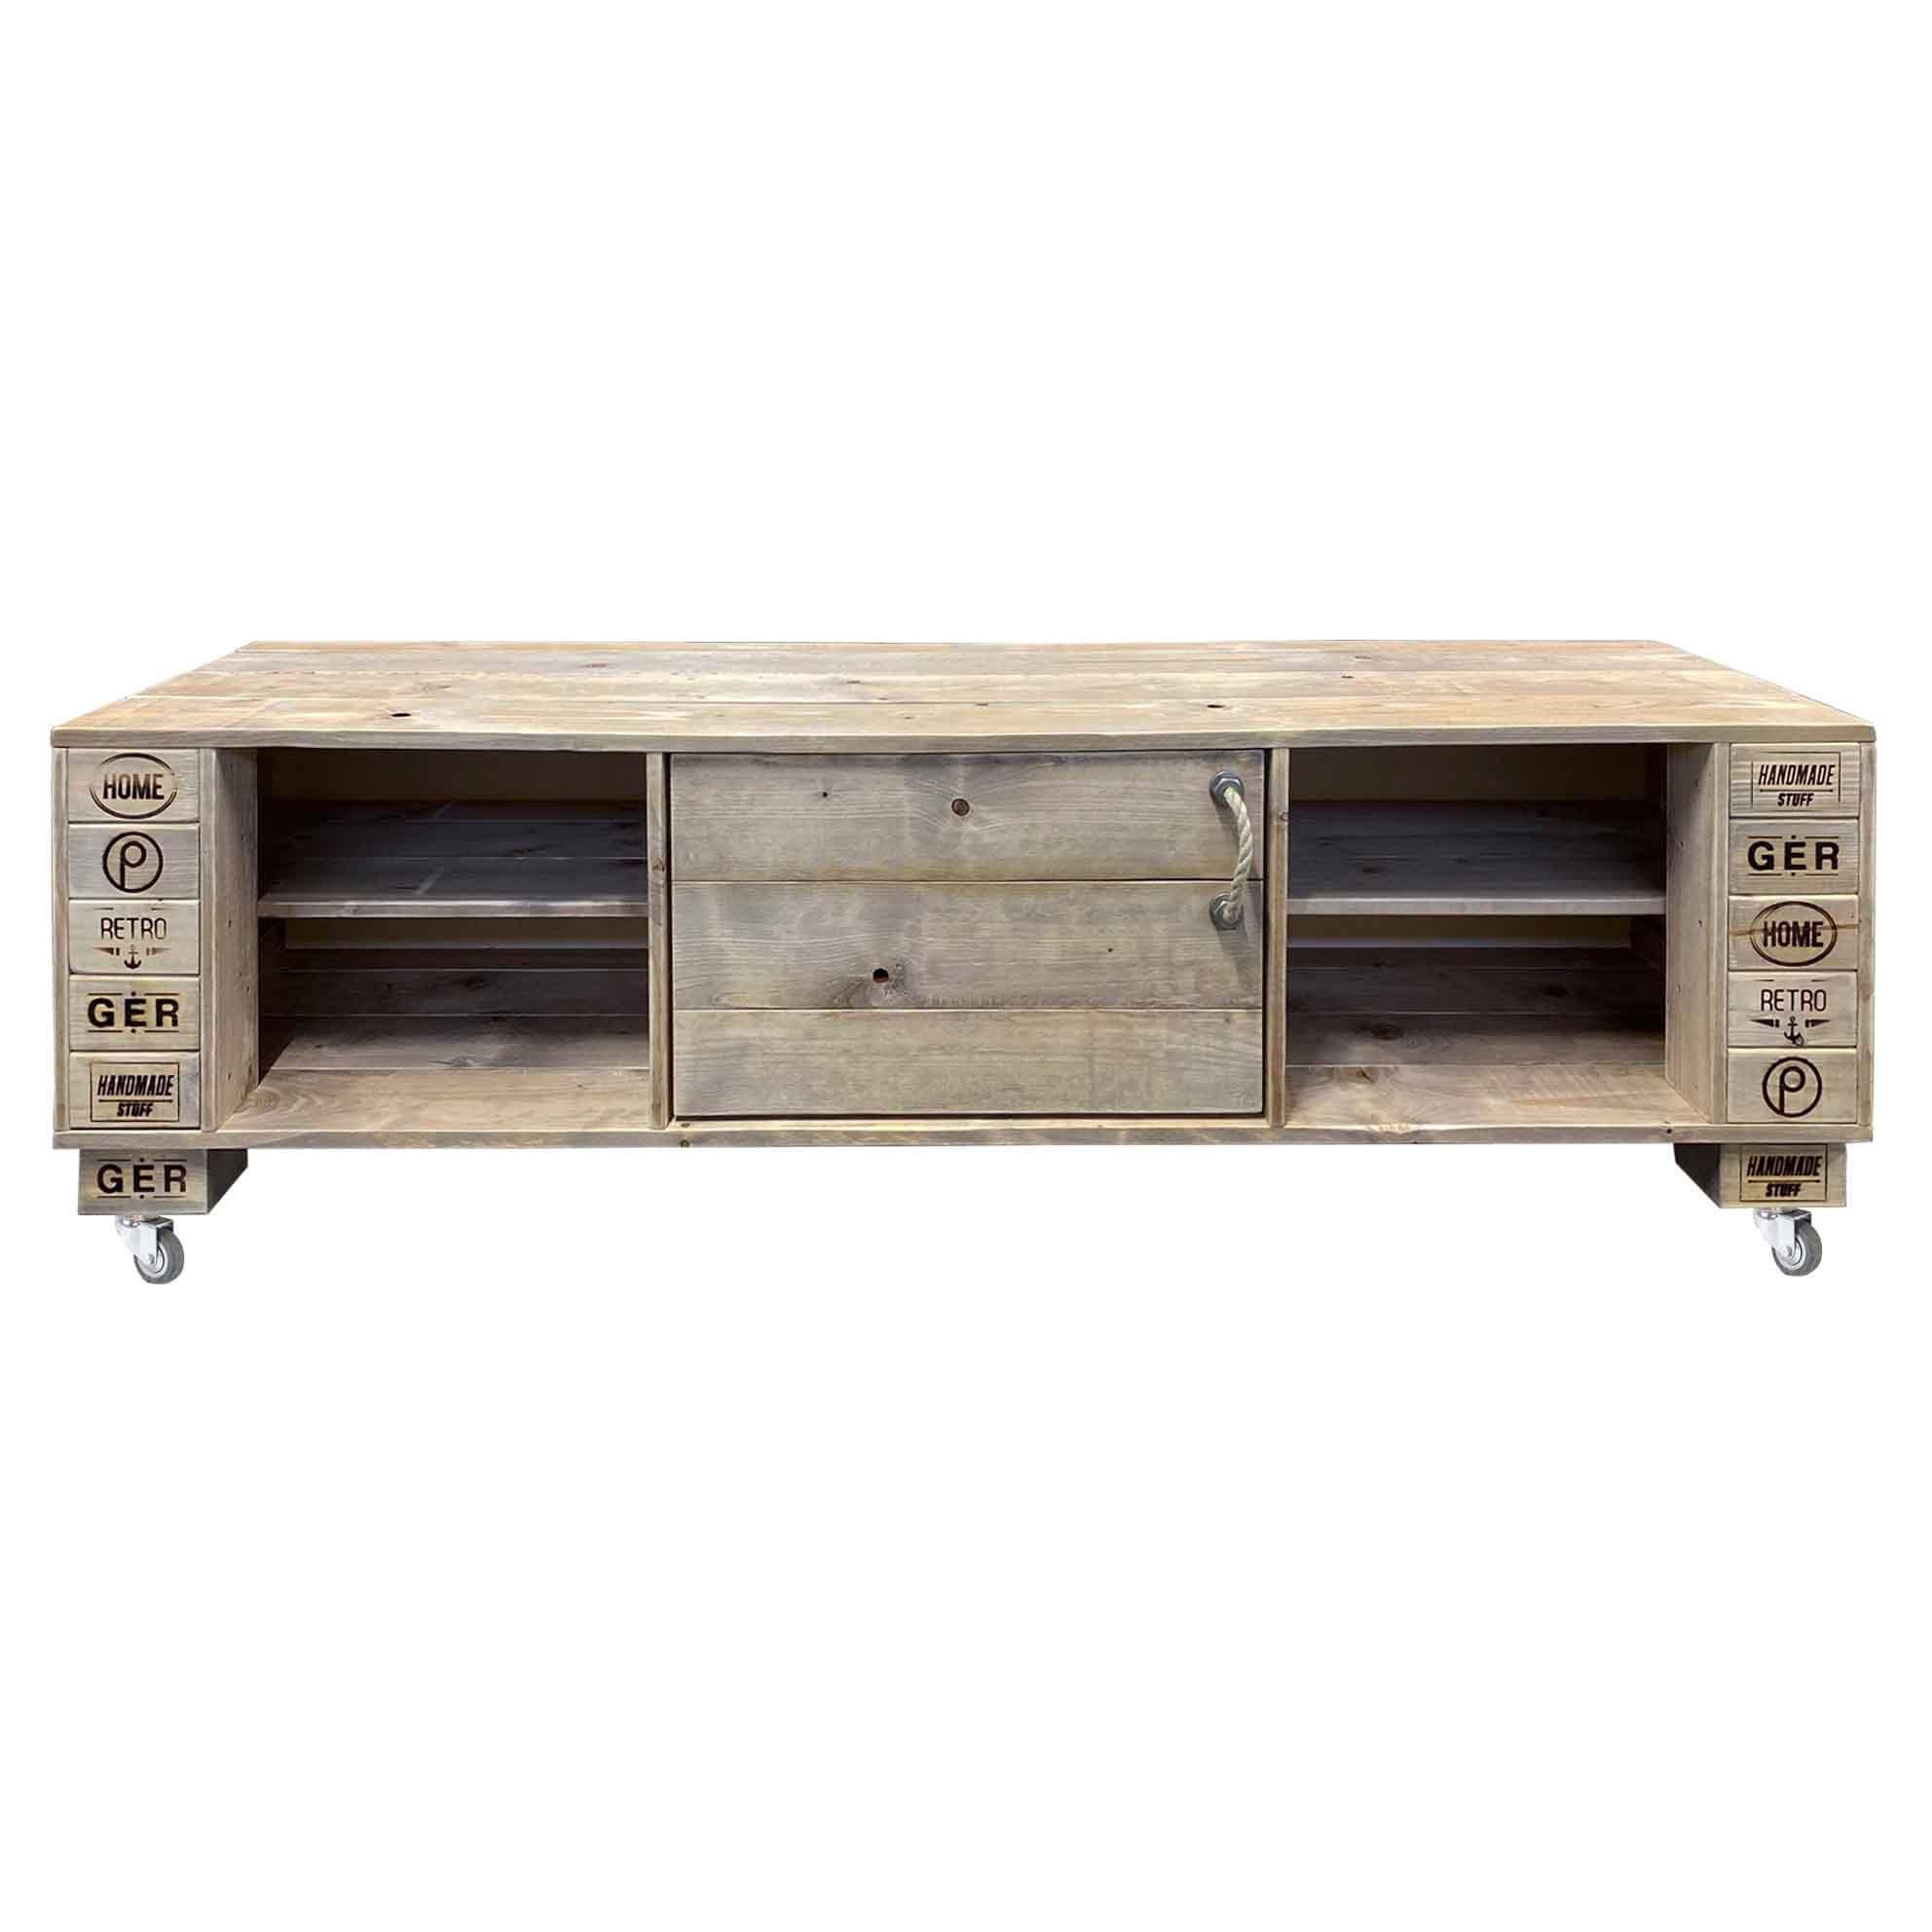 Sideboard-TV Schrank Kommode-Palettenmöbel 244